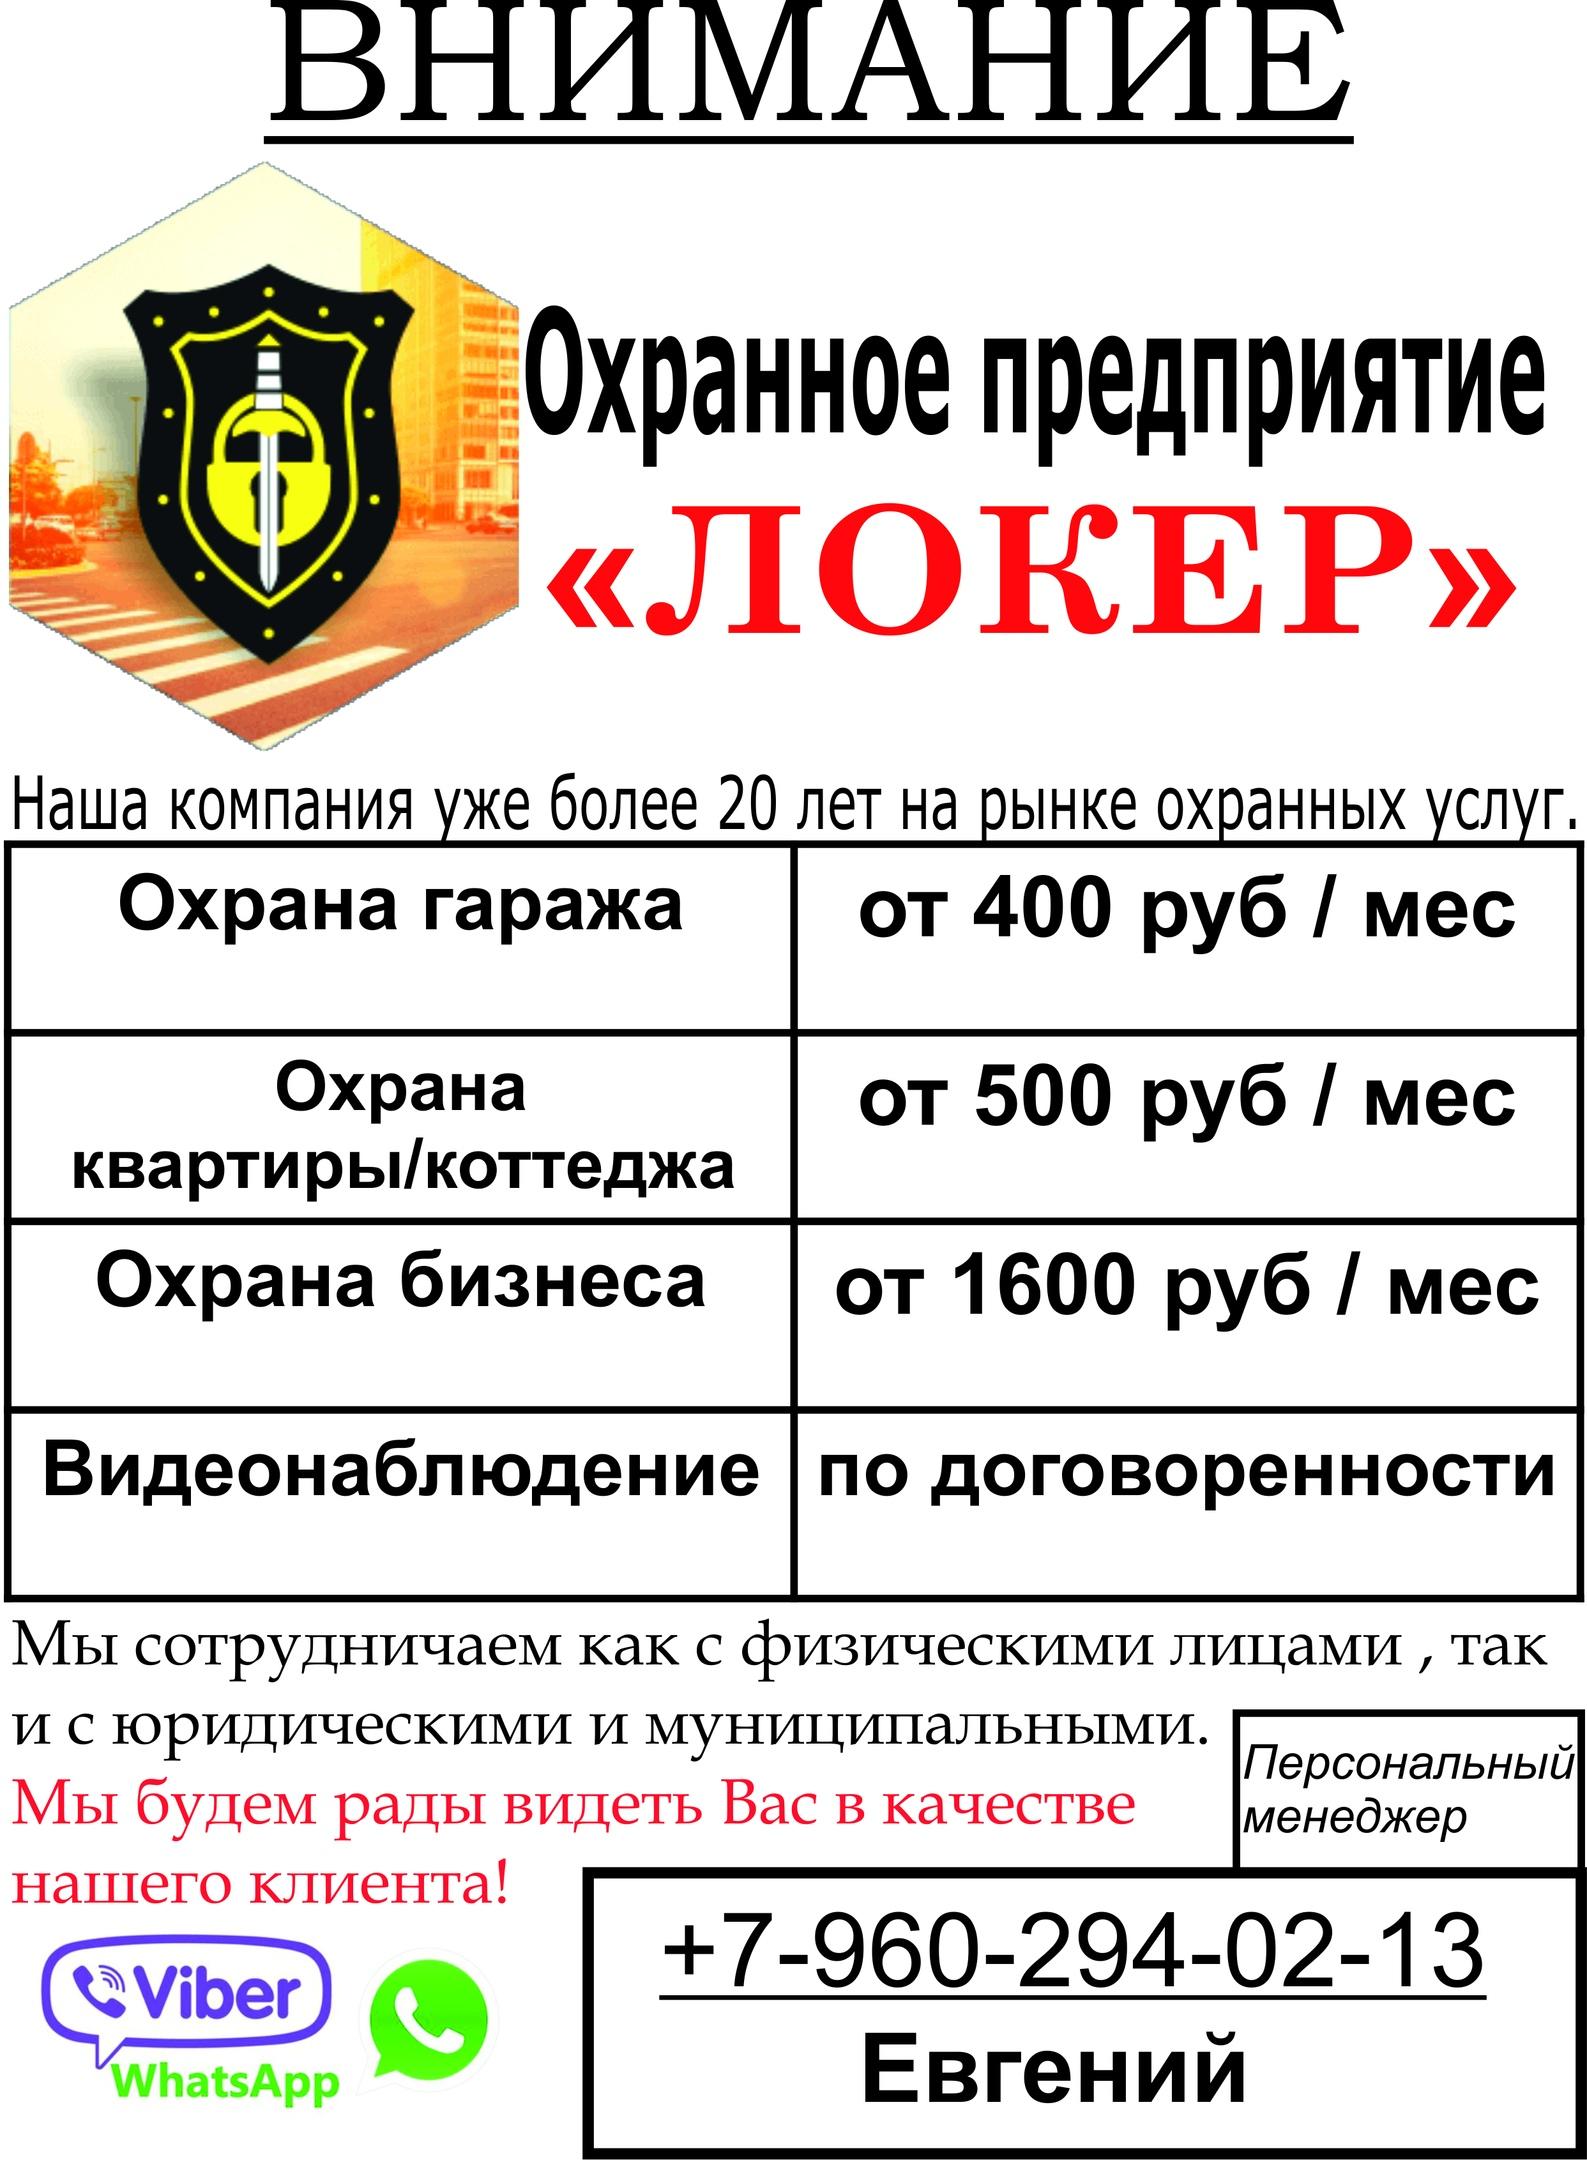 Охранное предприятие «Локер» сотрудничает с крупнейшими компаниями Вологодской области, под охраной 2170 объектов.